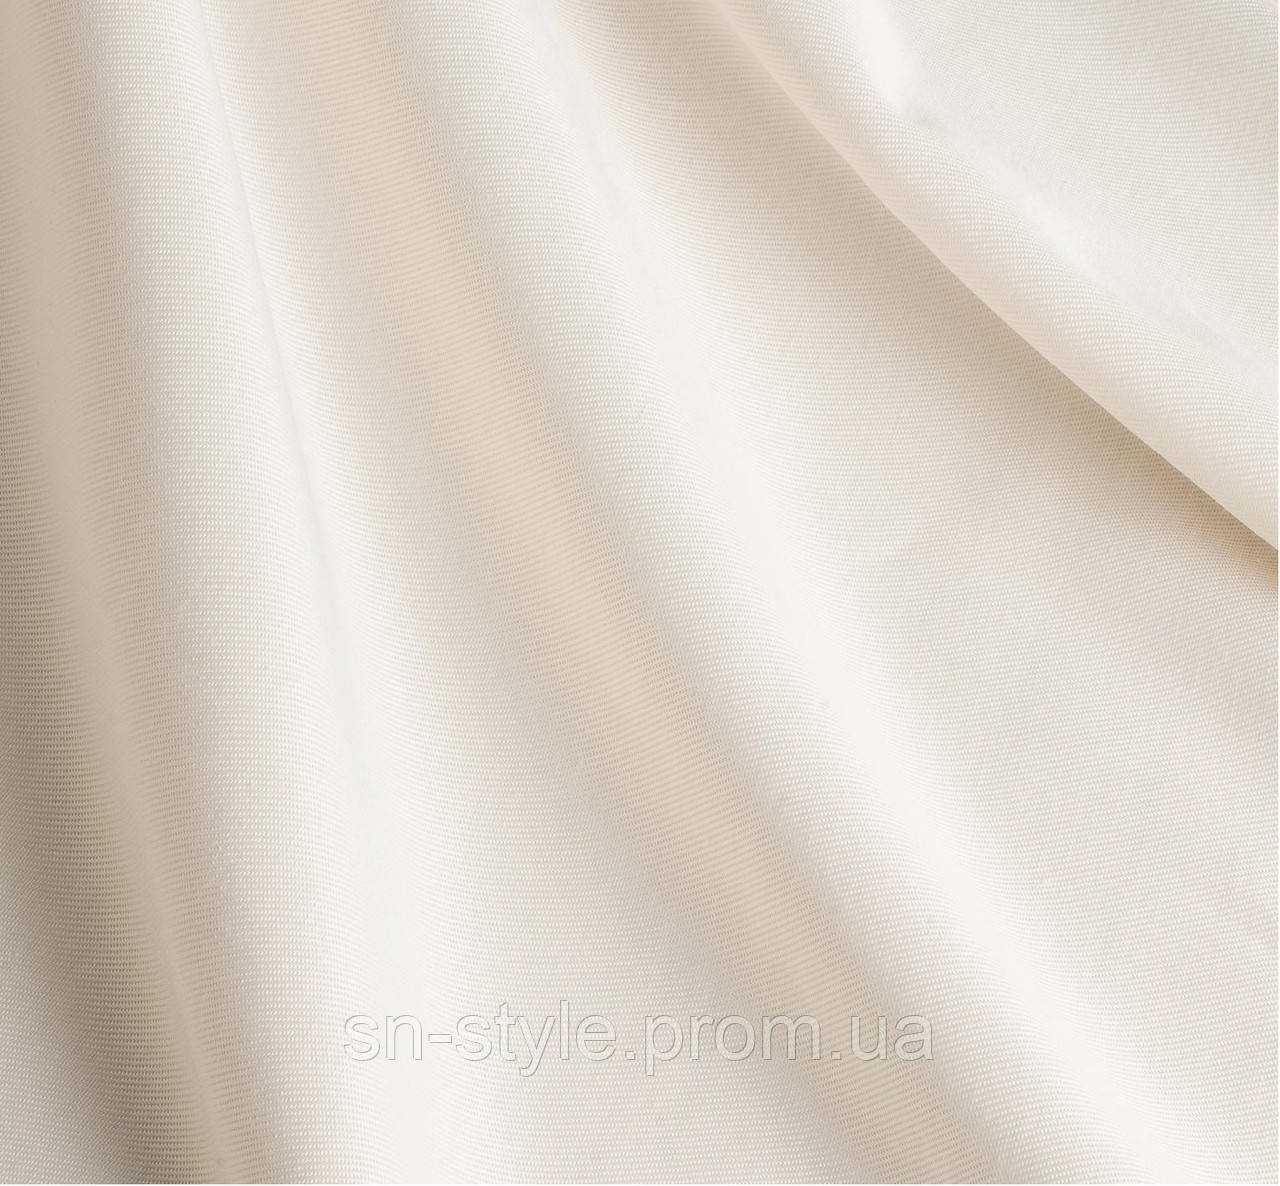 Ткань для скатерти 320v6